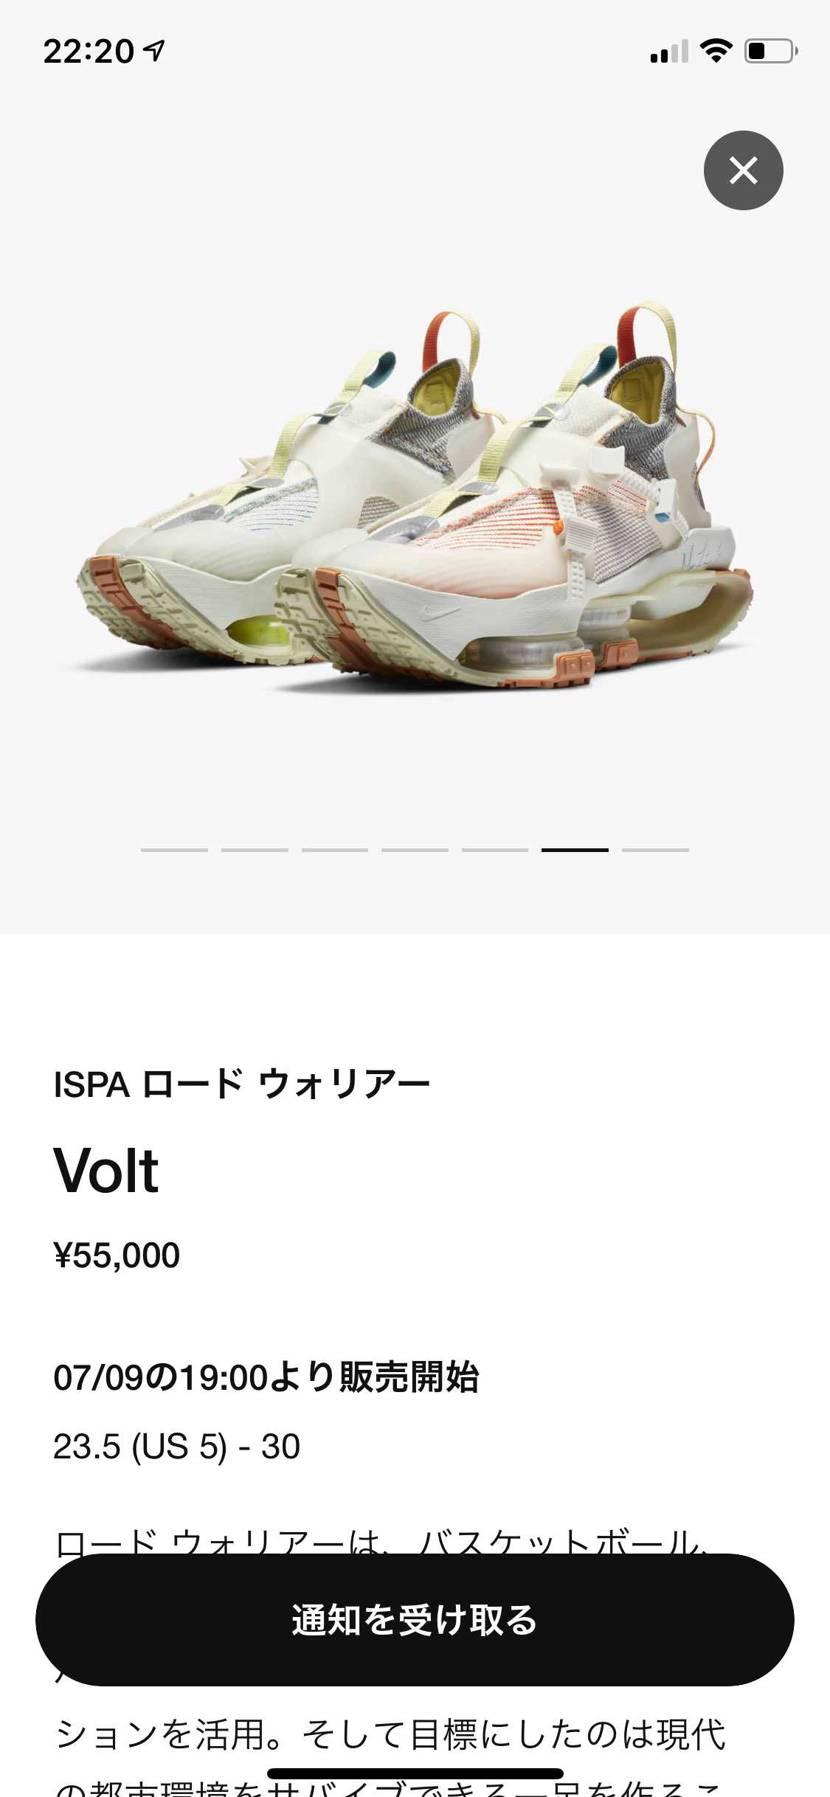 いいと思ってたのに55000円て。。。55000円て。。。